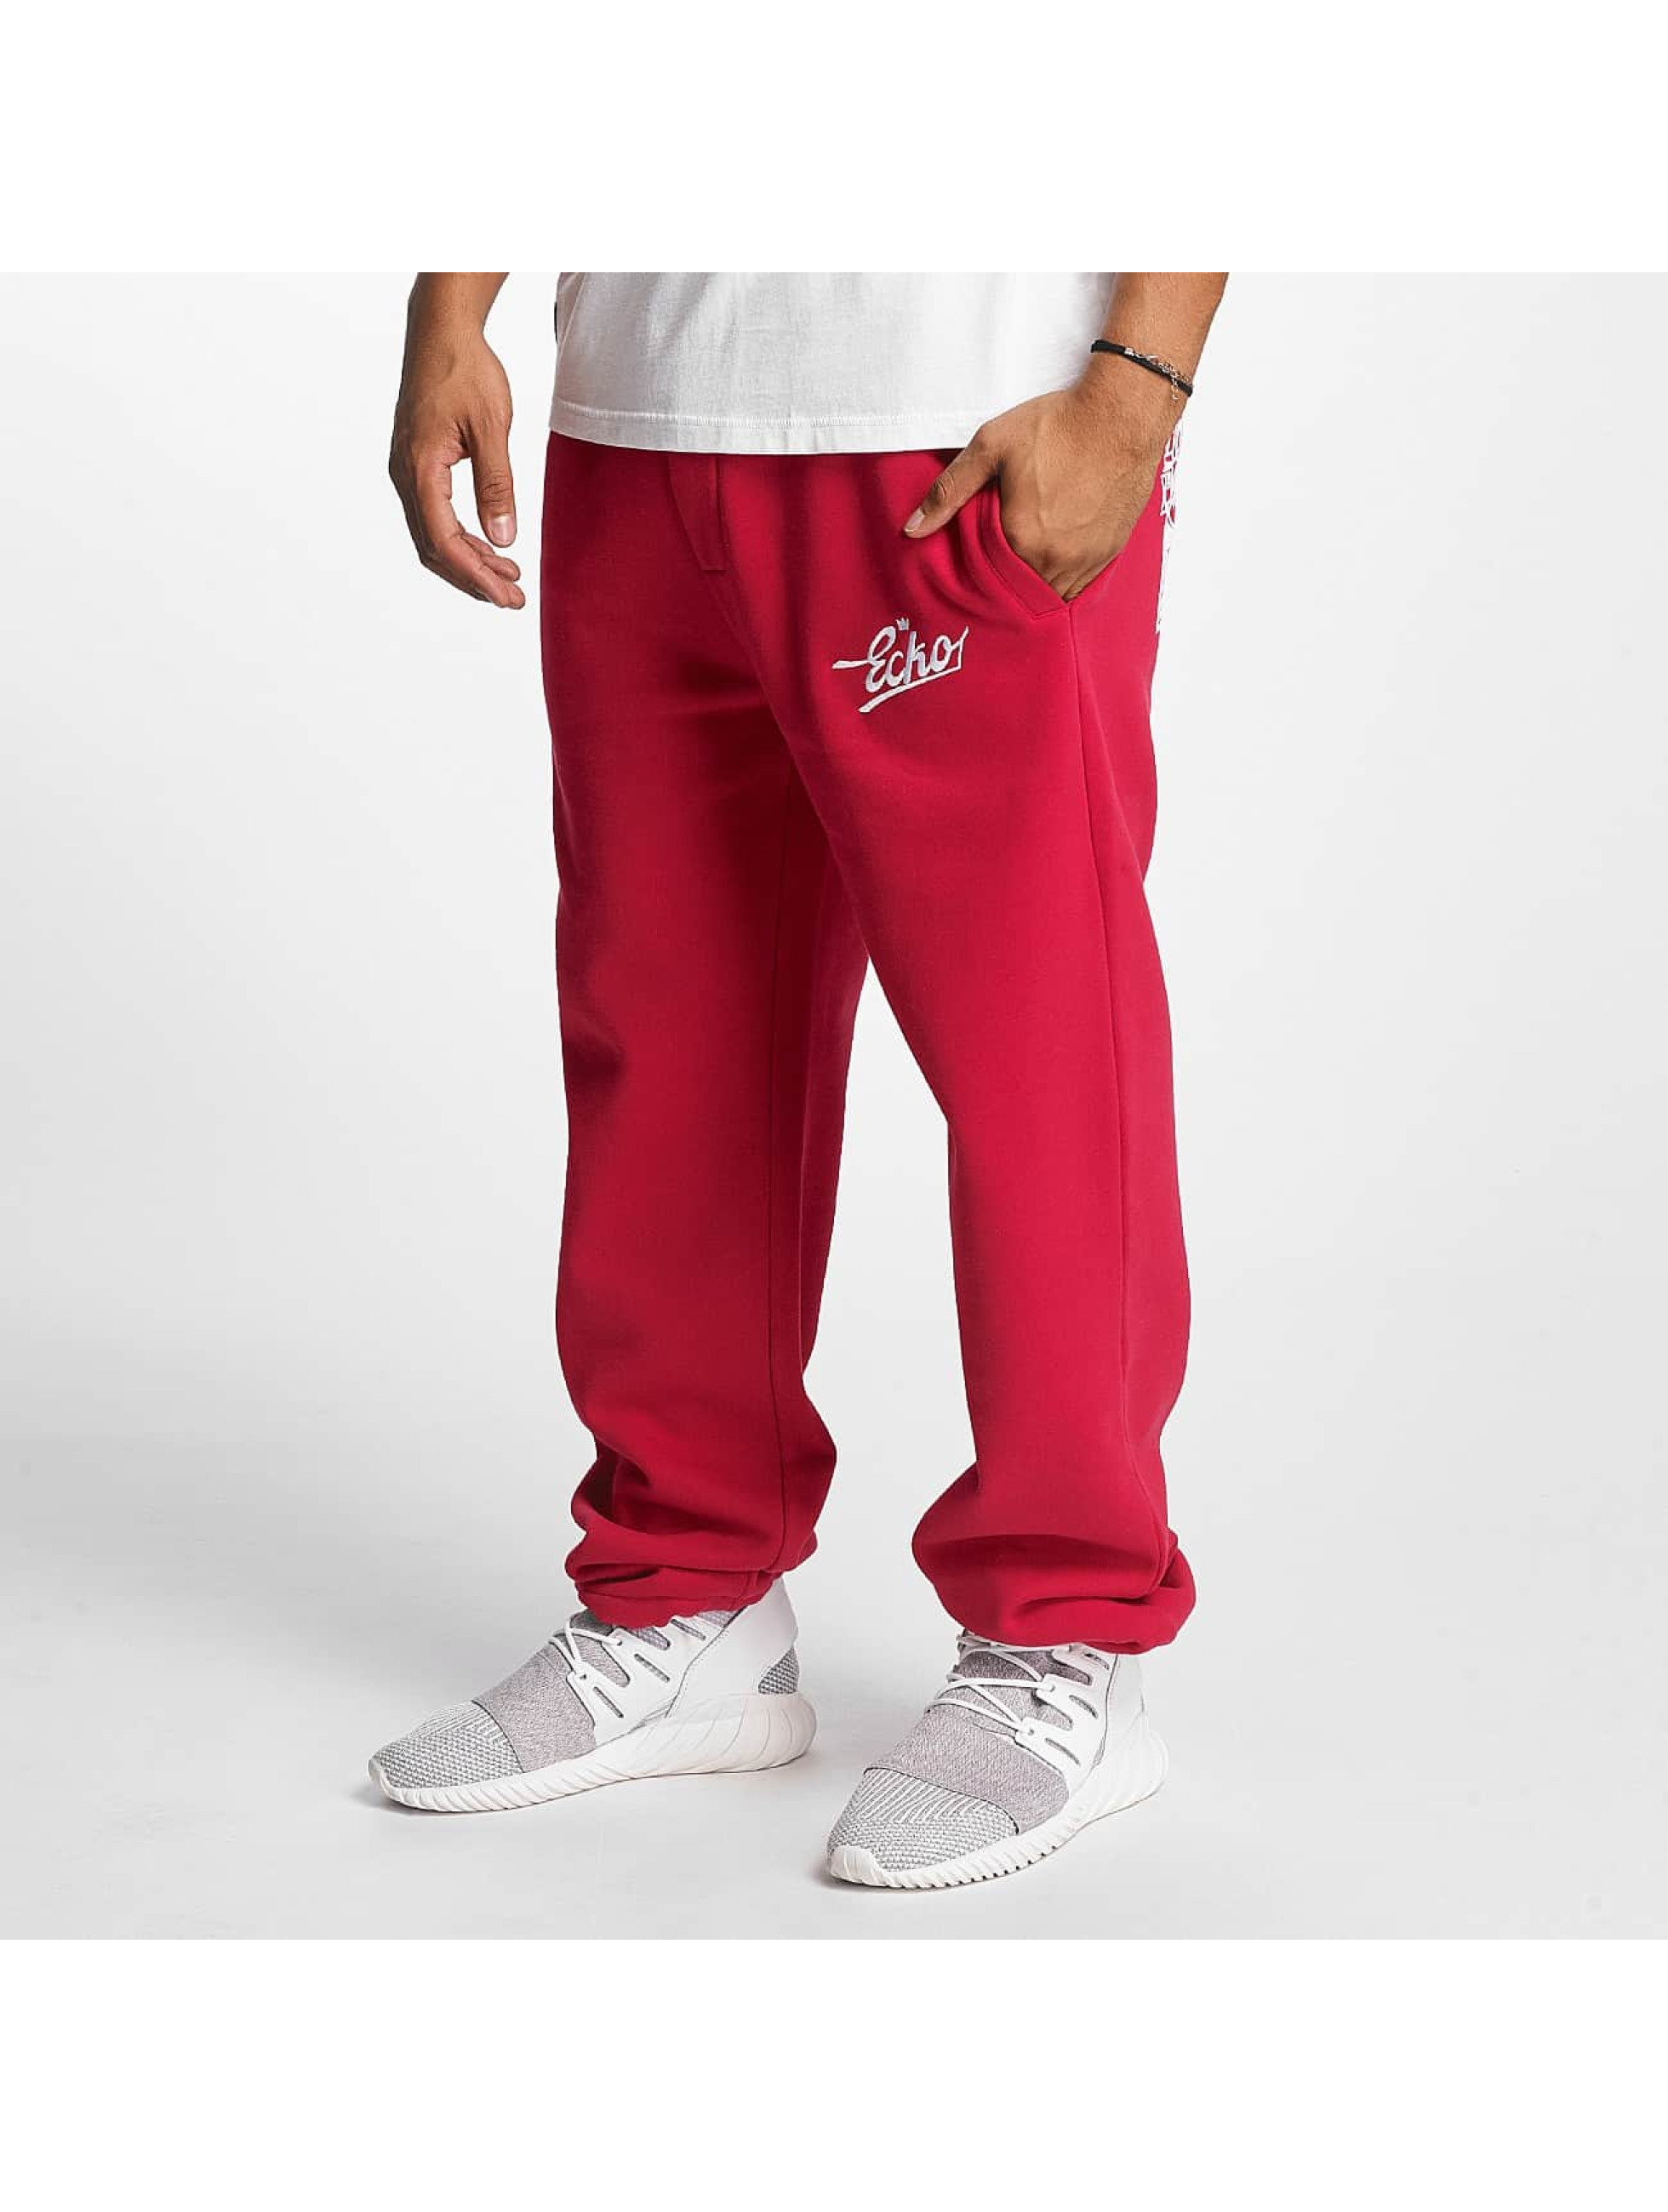 Ecko Unltd. / Sweat Pant Gordon`s Bay in red XL